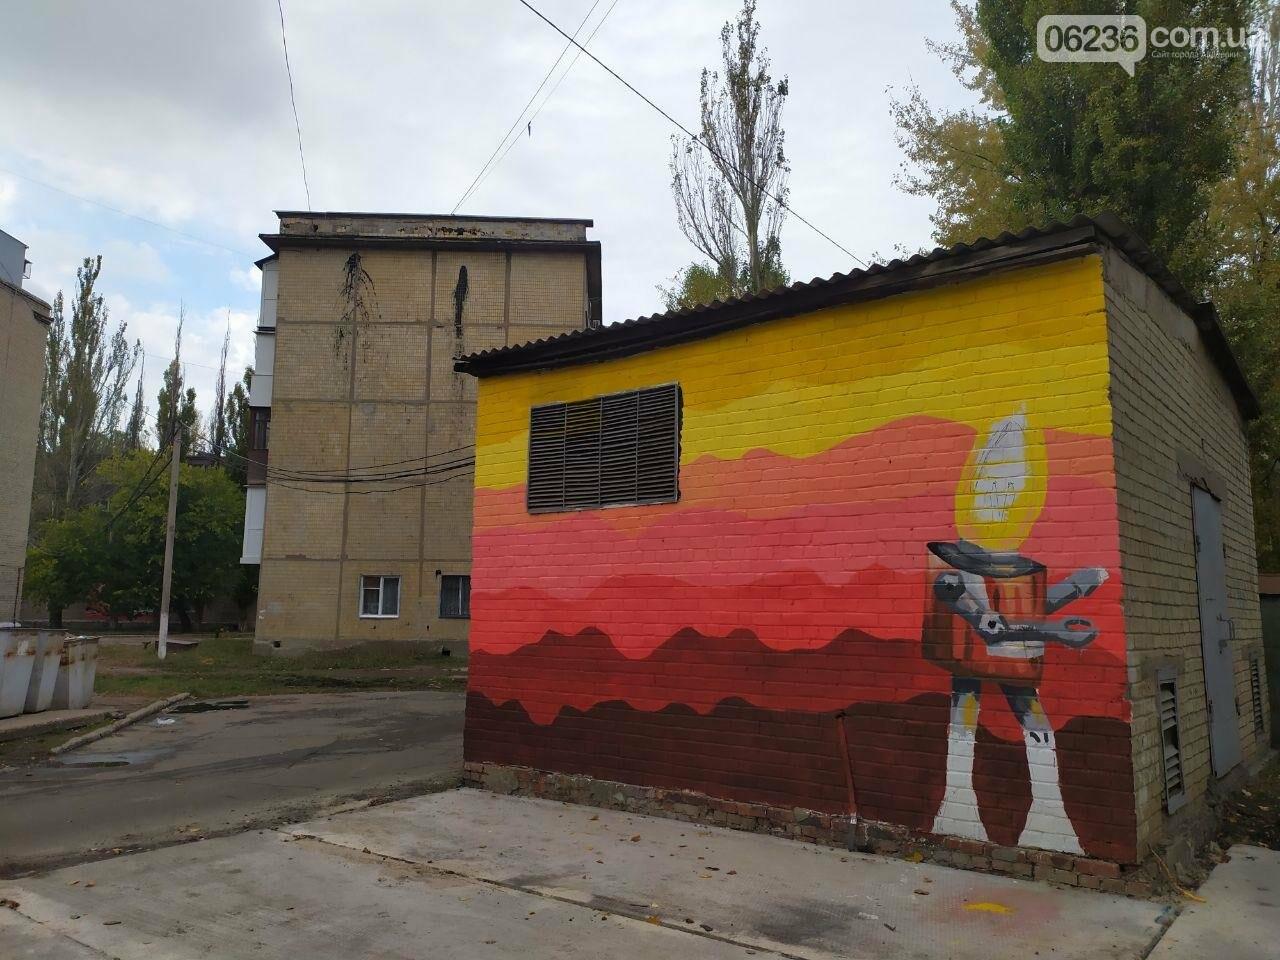 В Авдеевке появился новый мурал «Железный свет» (ФОТОФАКТ), фото-2